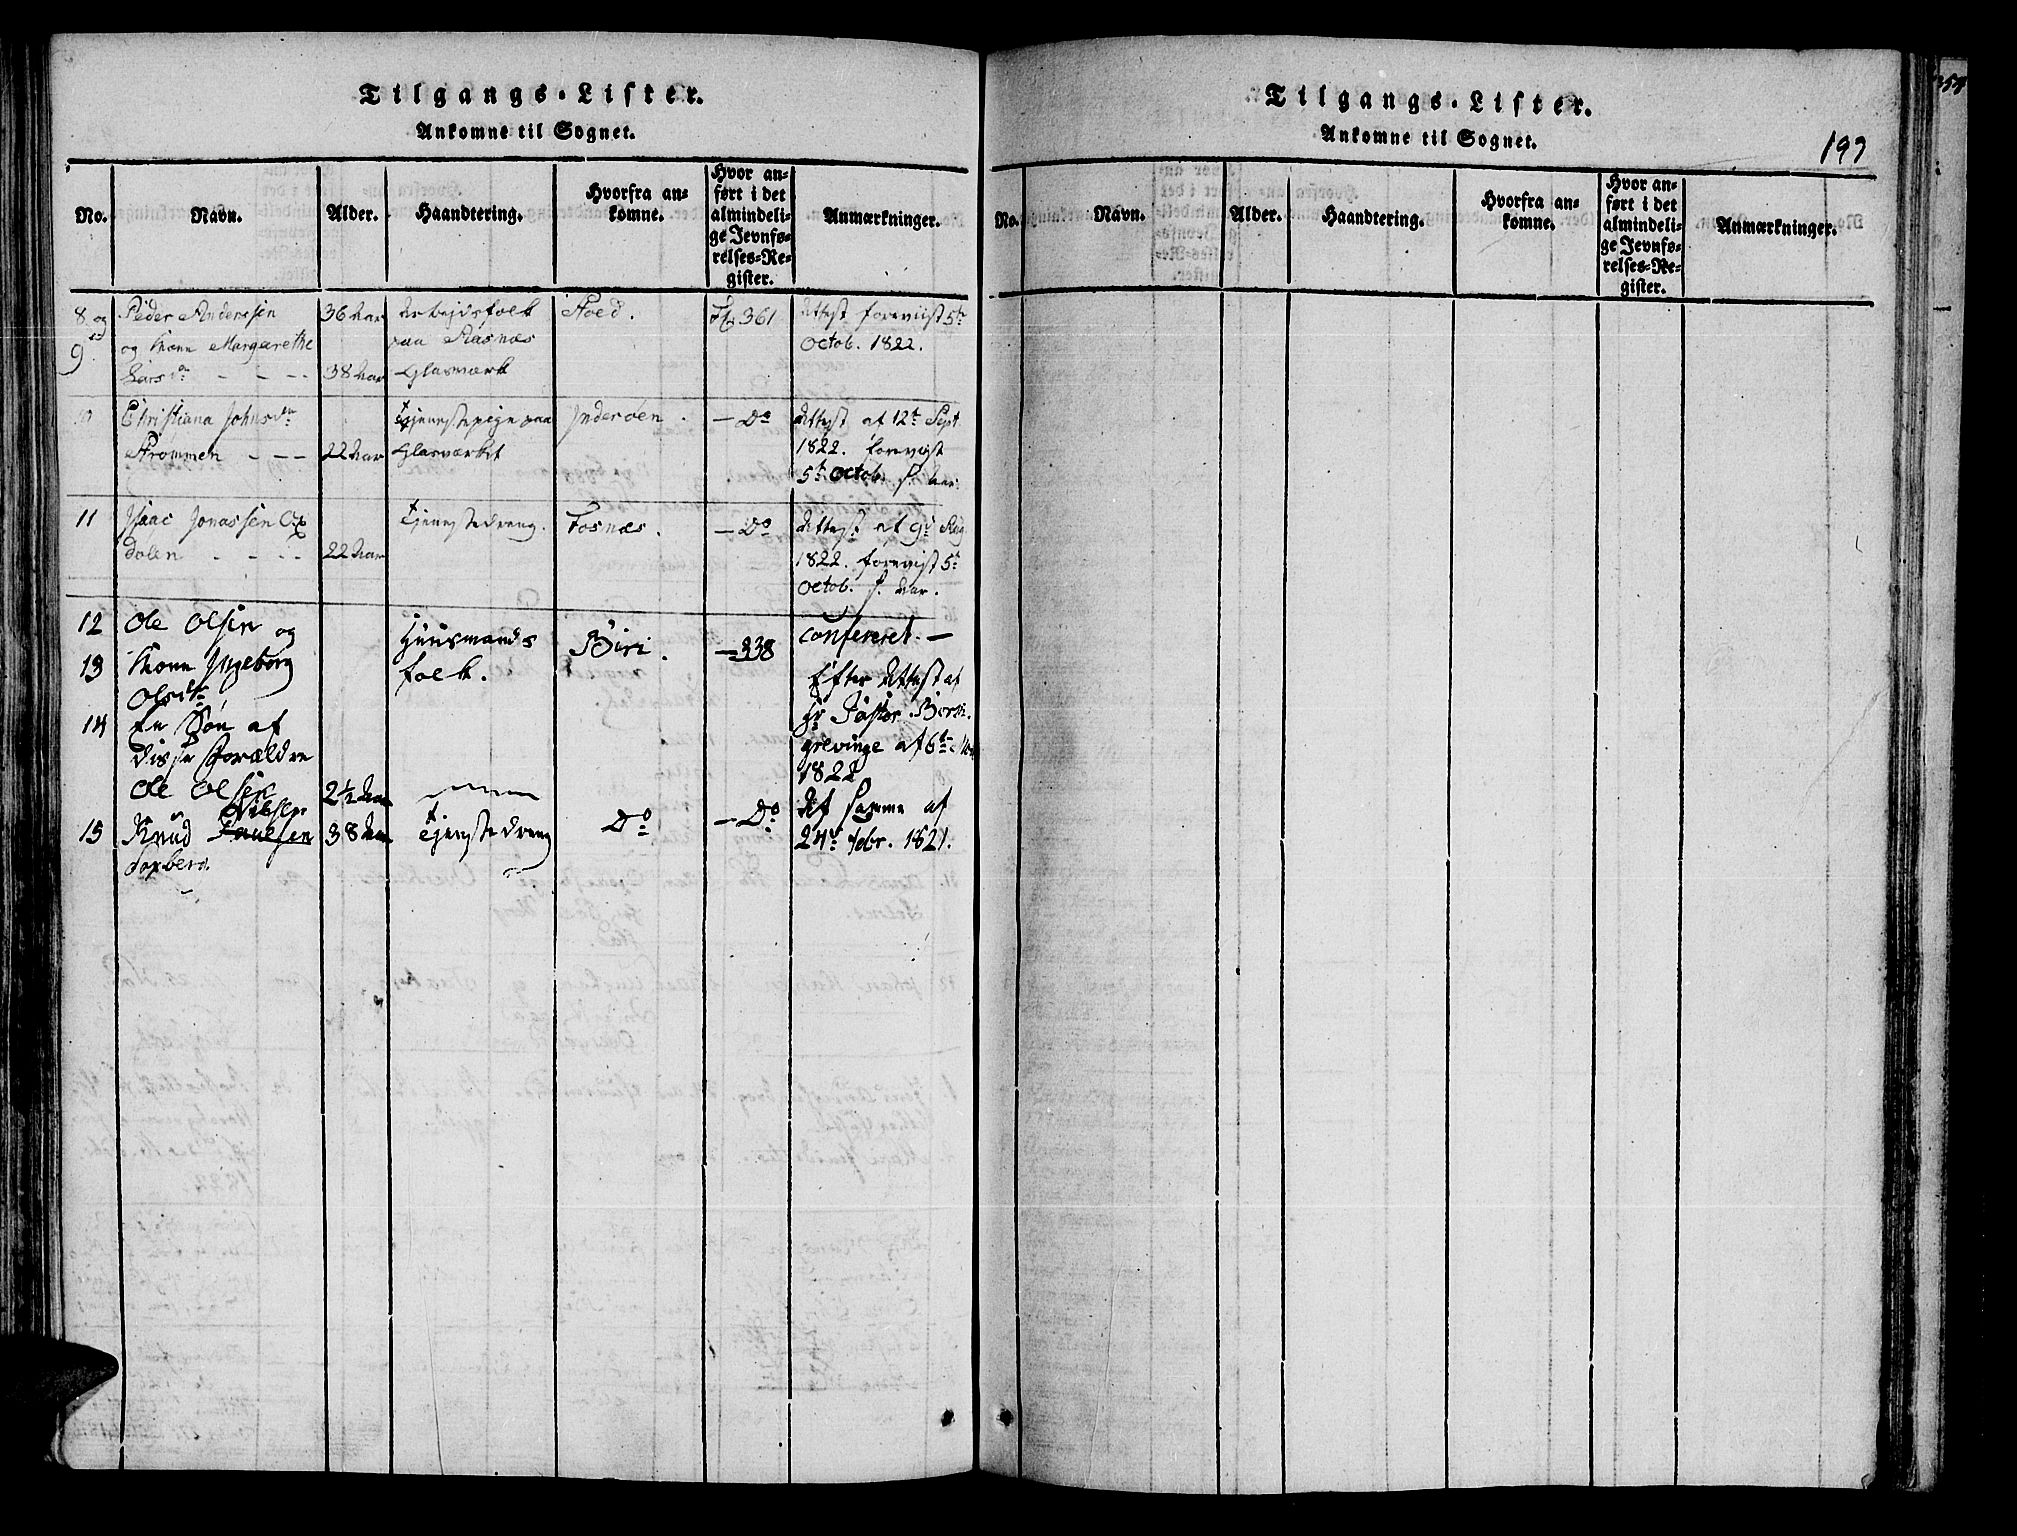 SAT, Ministerialprotokoller, klokkerbøker og fødselsregistre - Nord-Trøndelag, 741/L0387: Ministerialbok nr. 741A03 /3, 1817-1822, s. 197